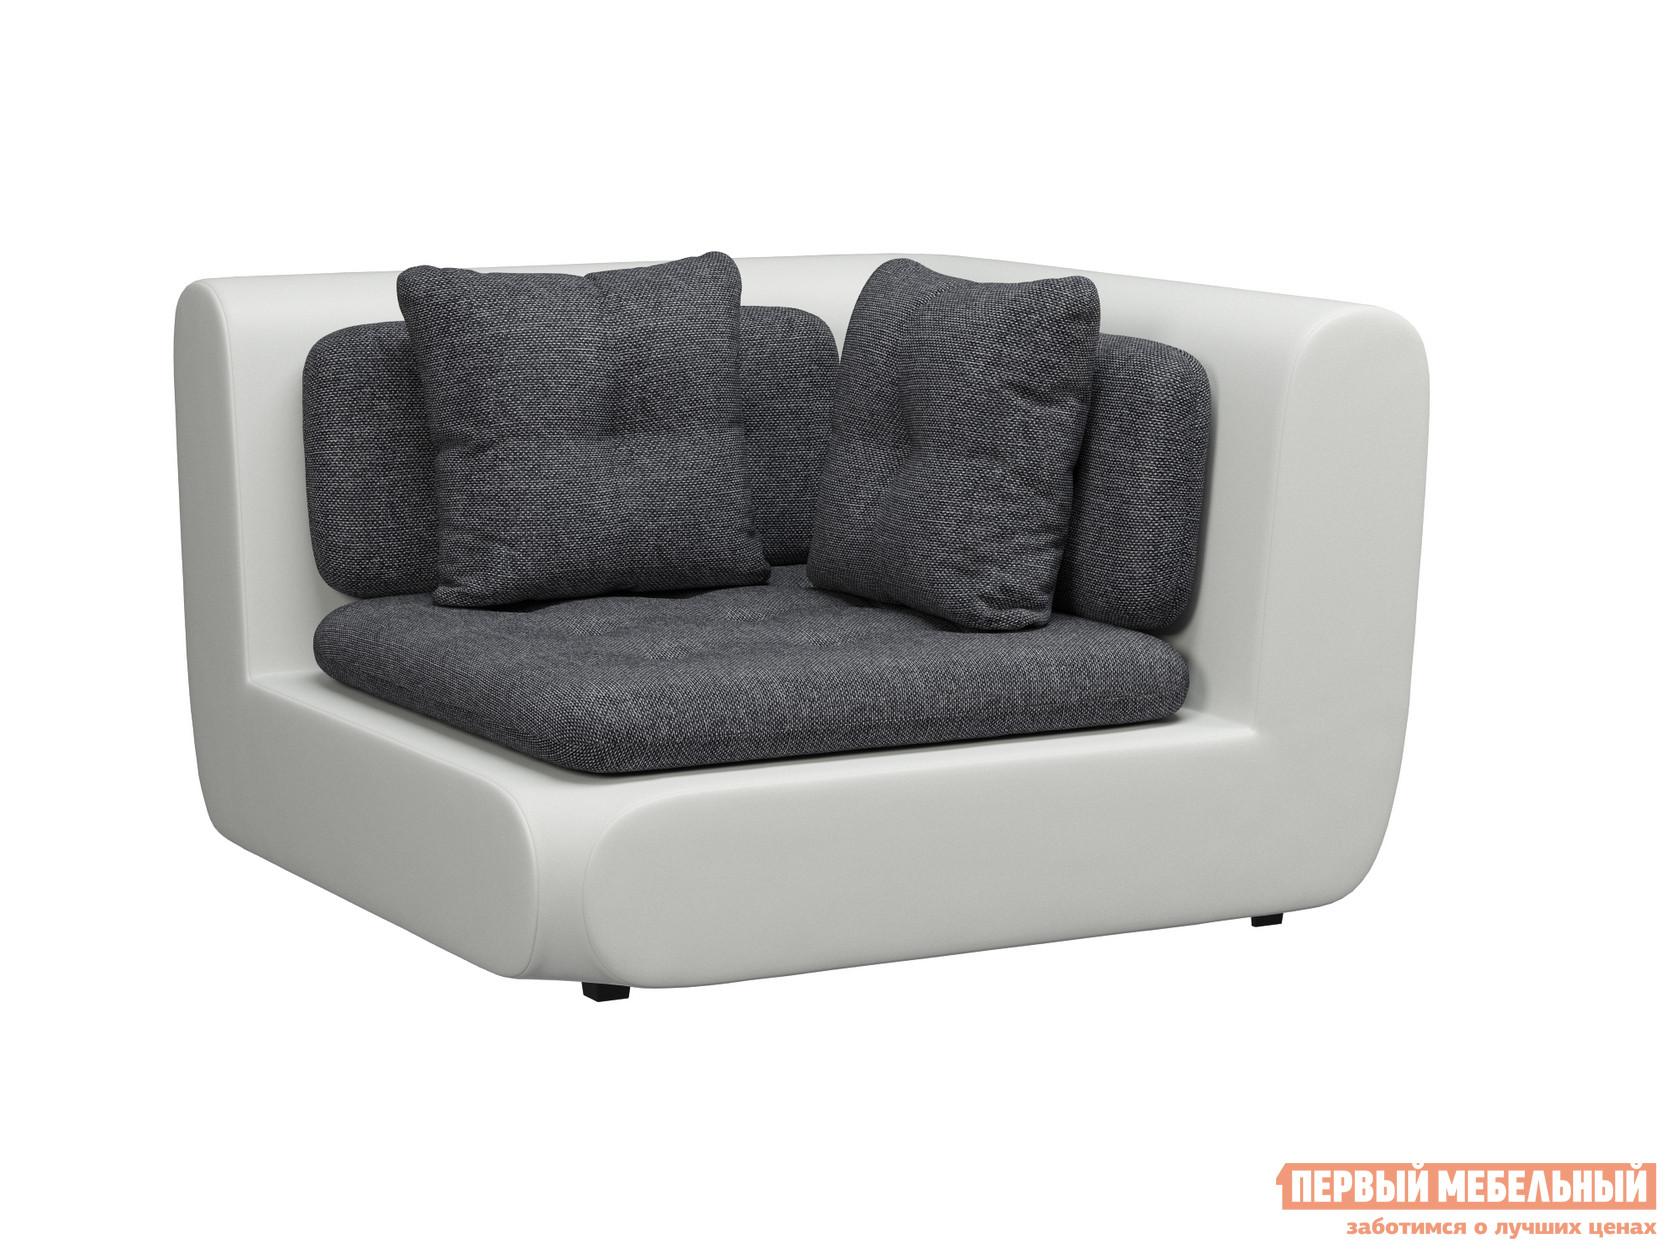 Угловой диван WOODCRAFT Кормак угловой модуль с ящиком